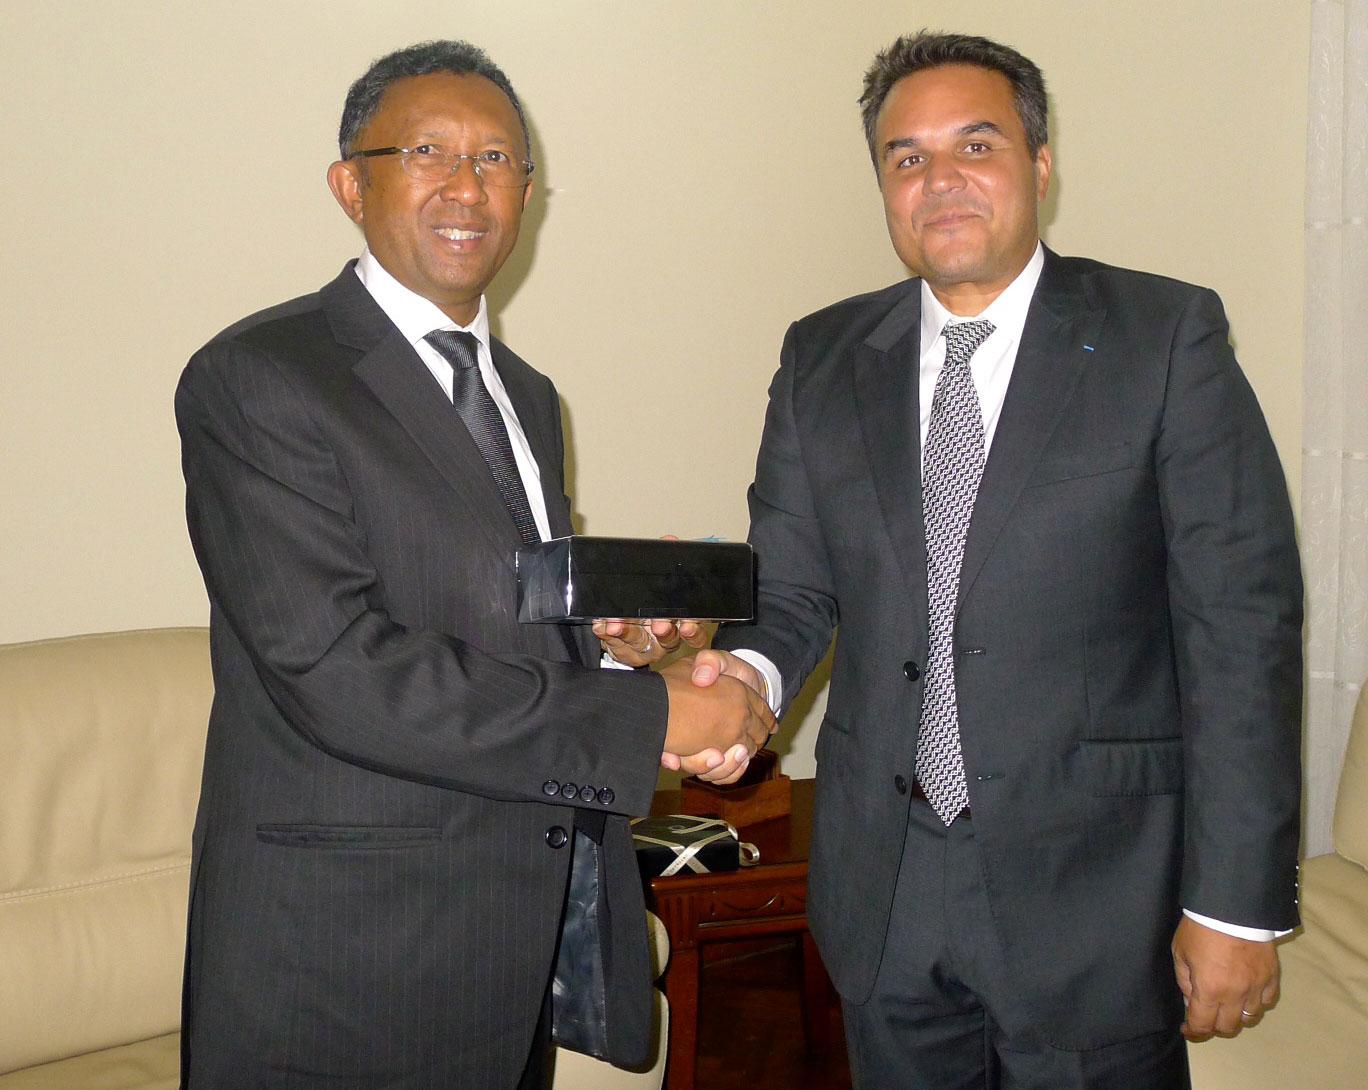 Rencontre entre le président Hery Rajaonarimampianina et le président Didier Robert